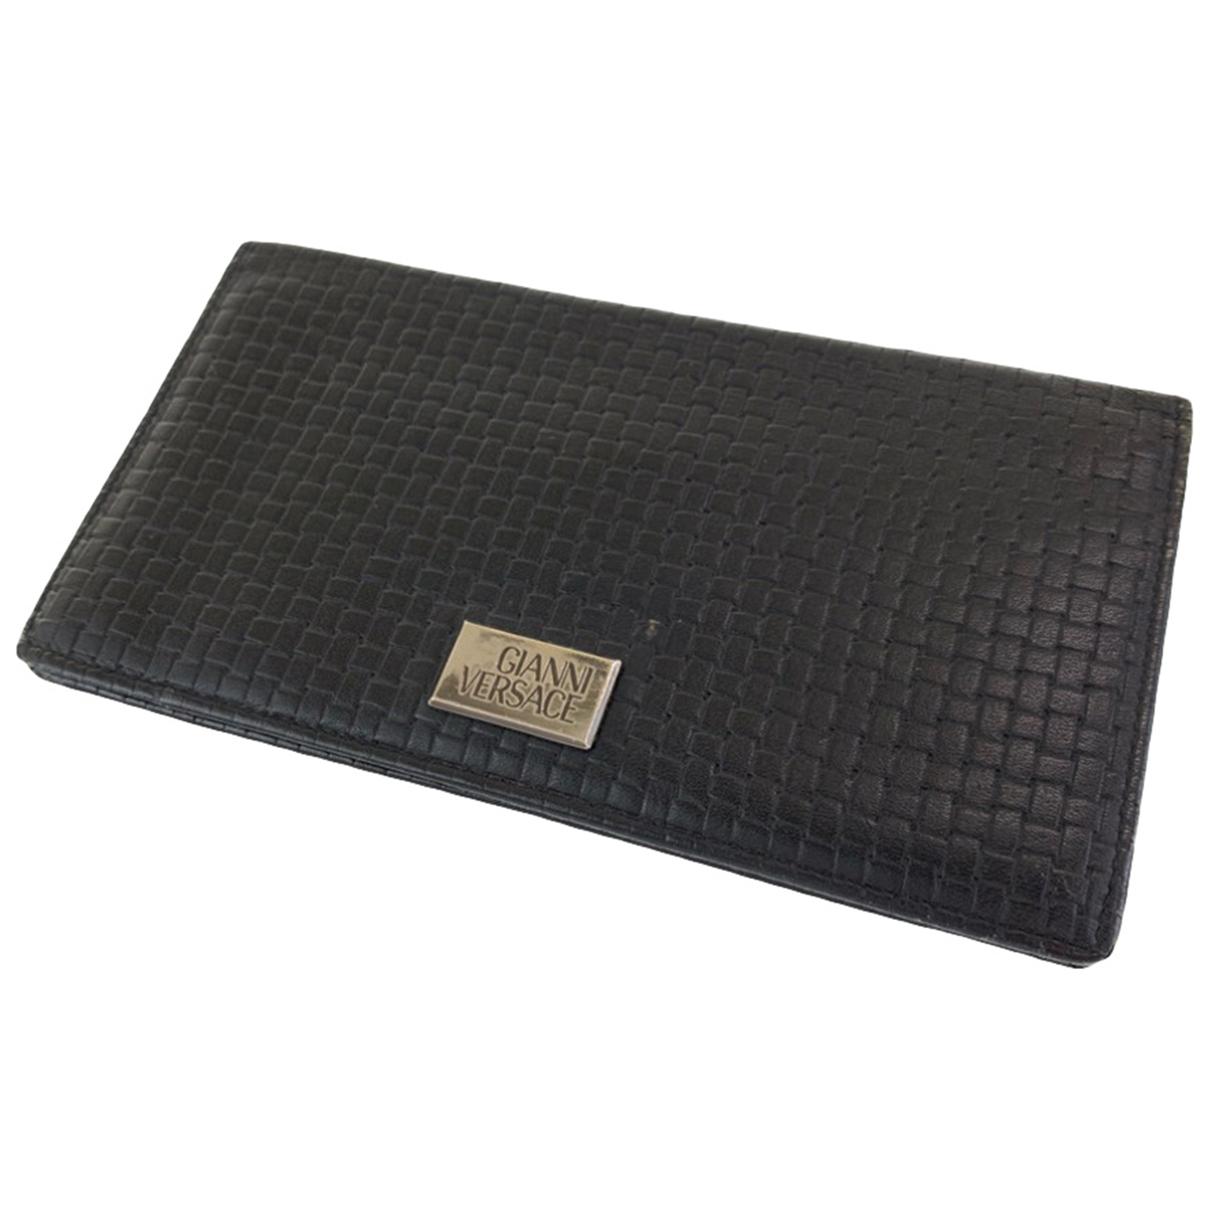 Gianni Versace - Petite maroquinerie   pour homme en cuir